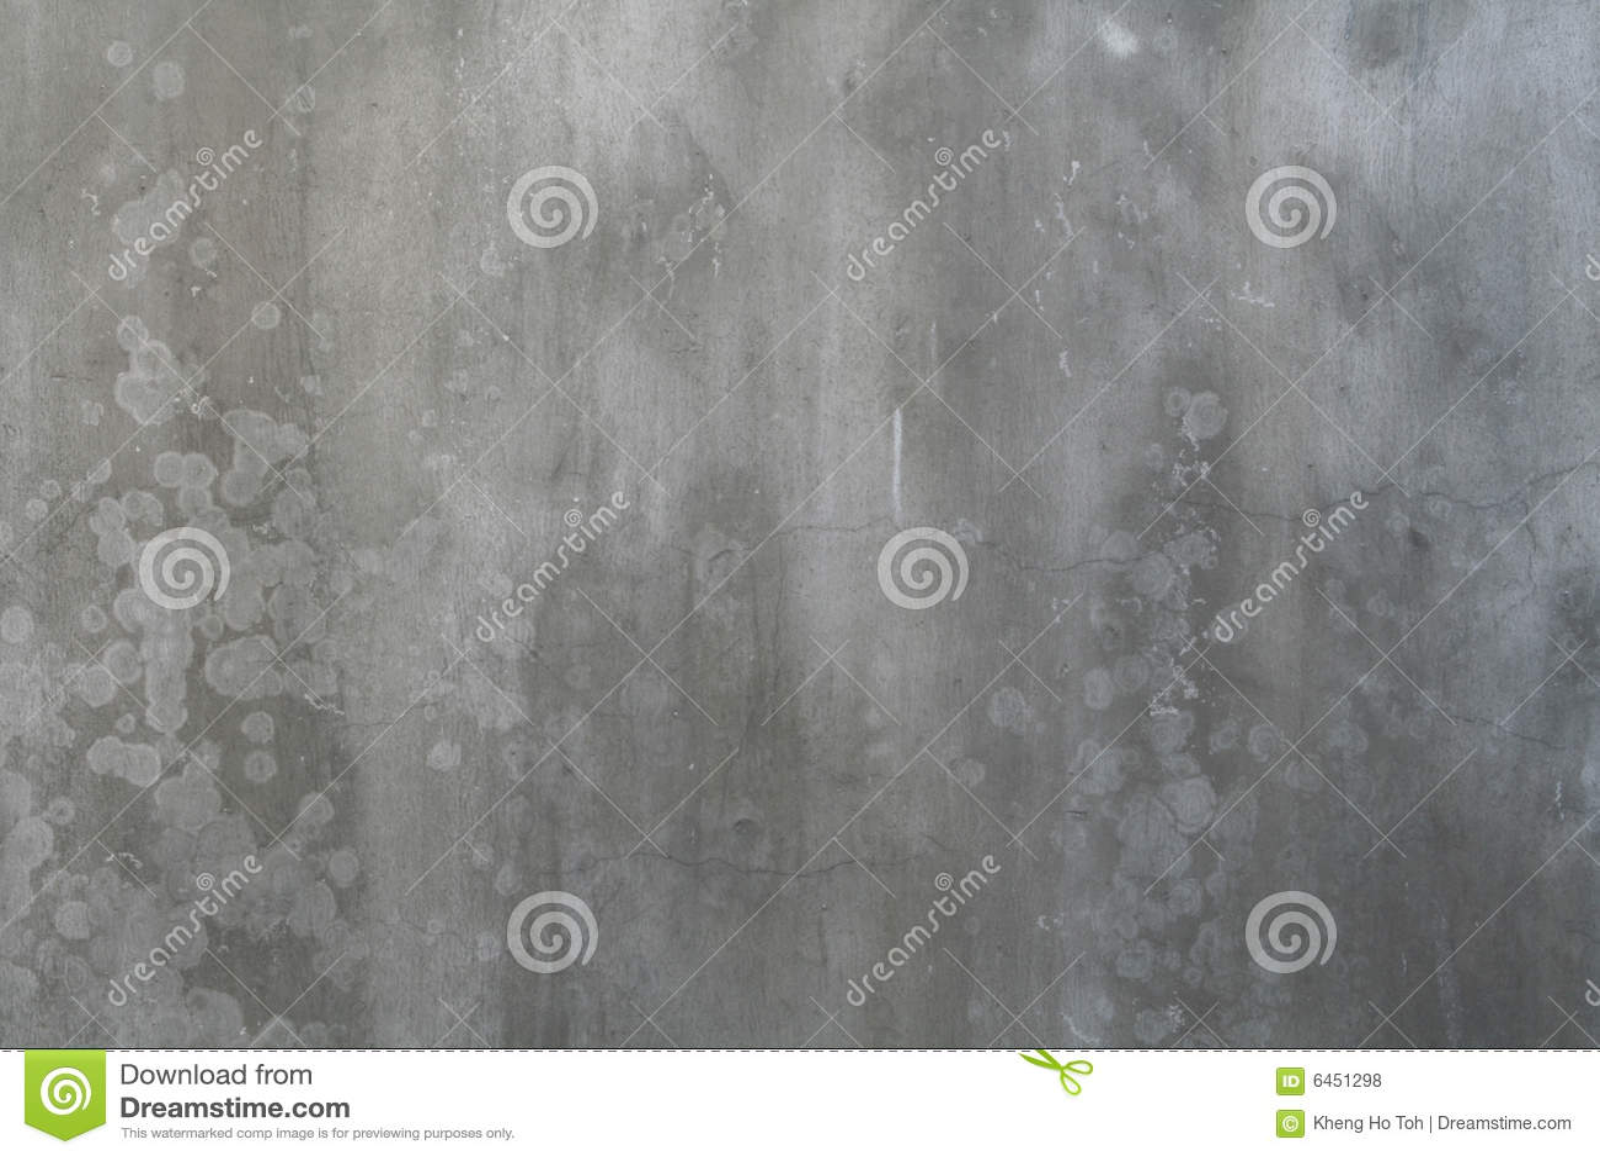 Derelict and Grim Background Texture Pattern